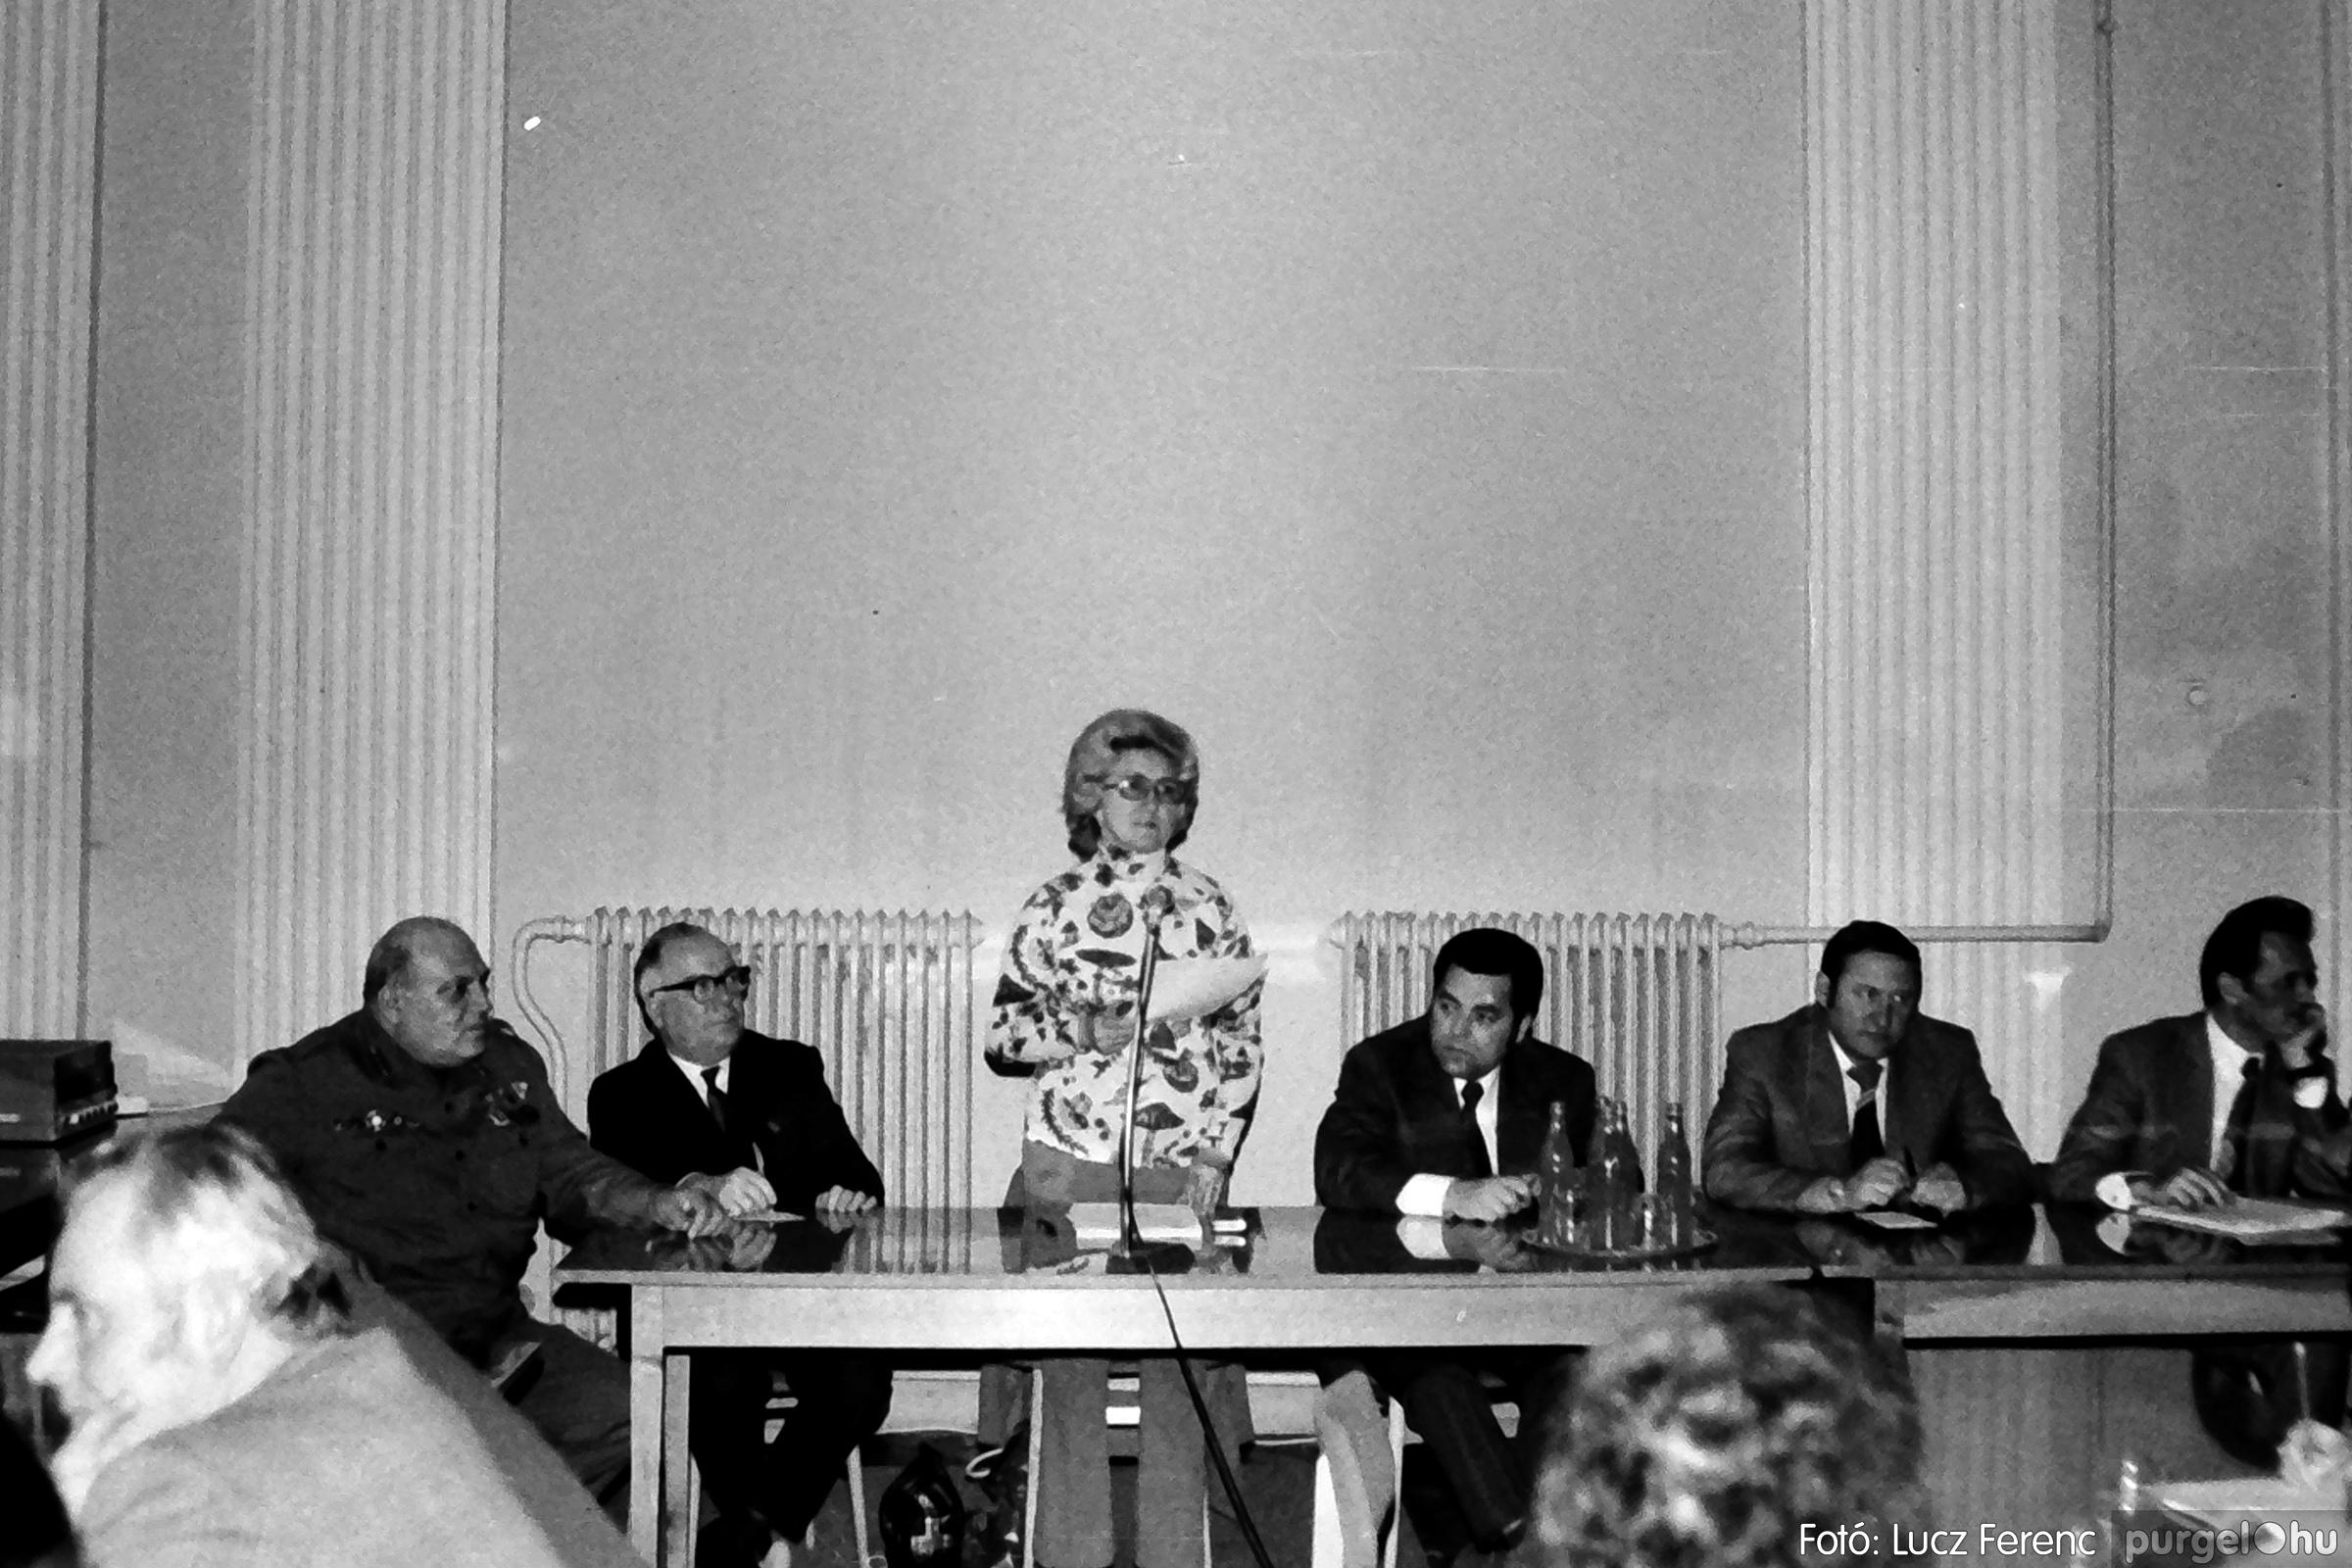 072. 1977. ÁFÉSZ küldöttgyűlés a szentesi megyeházban 007. - Fotó: Lucz Ferenc.jpg